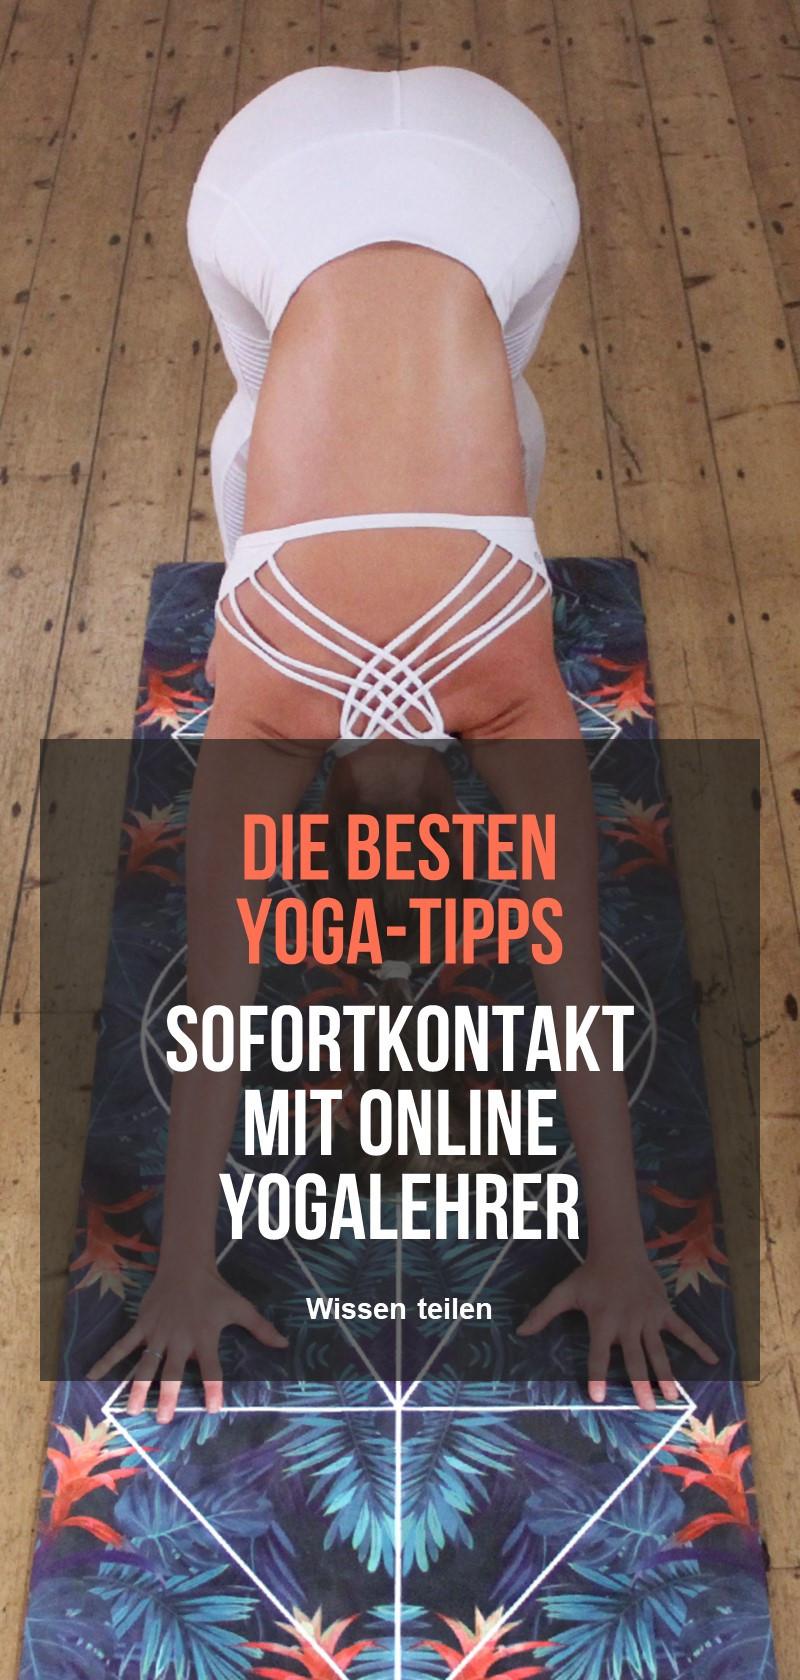 Online-Yoga-Klassen und Lehrer